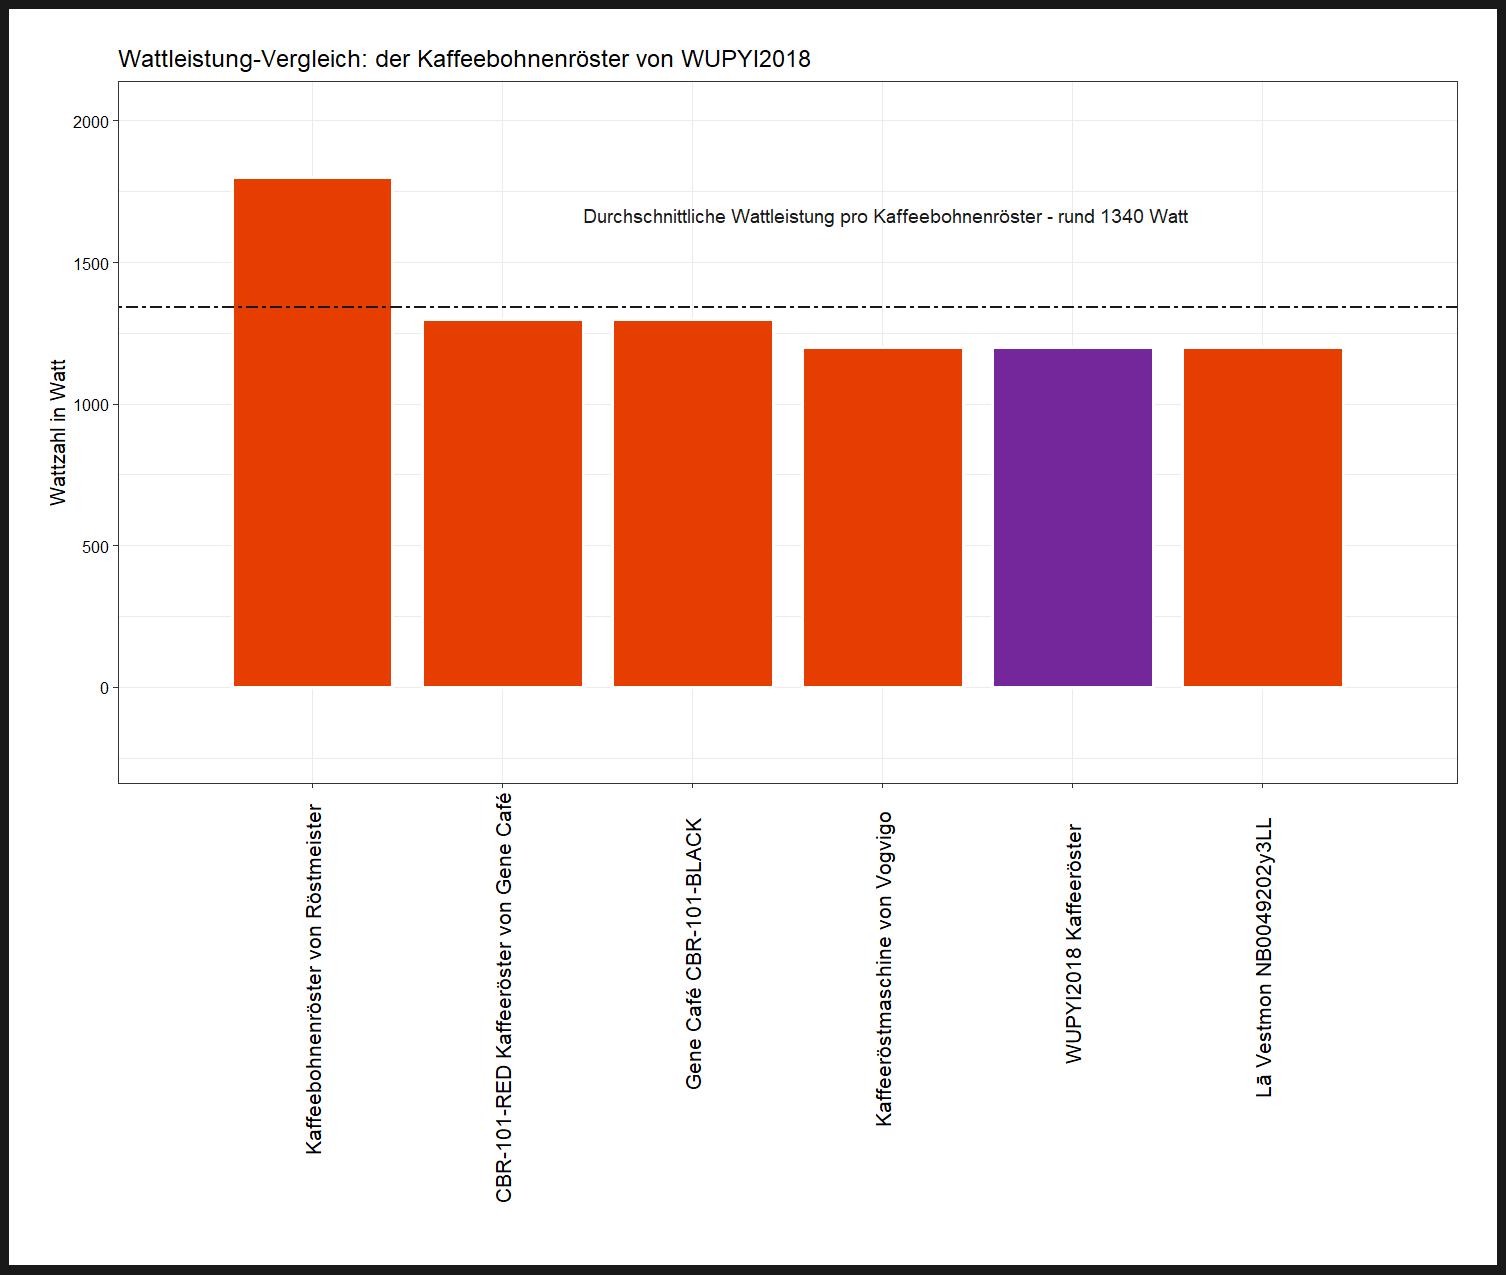 Wattzahl-Vergleich von dem WUPYI2018 Kaffeeröster